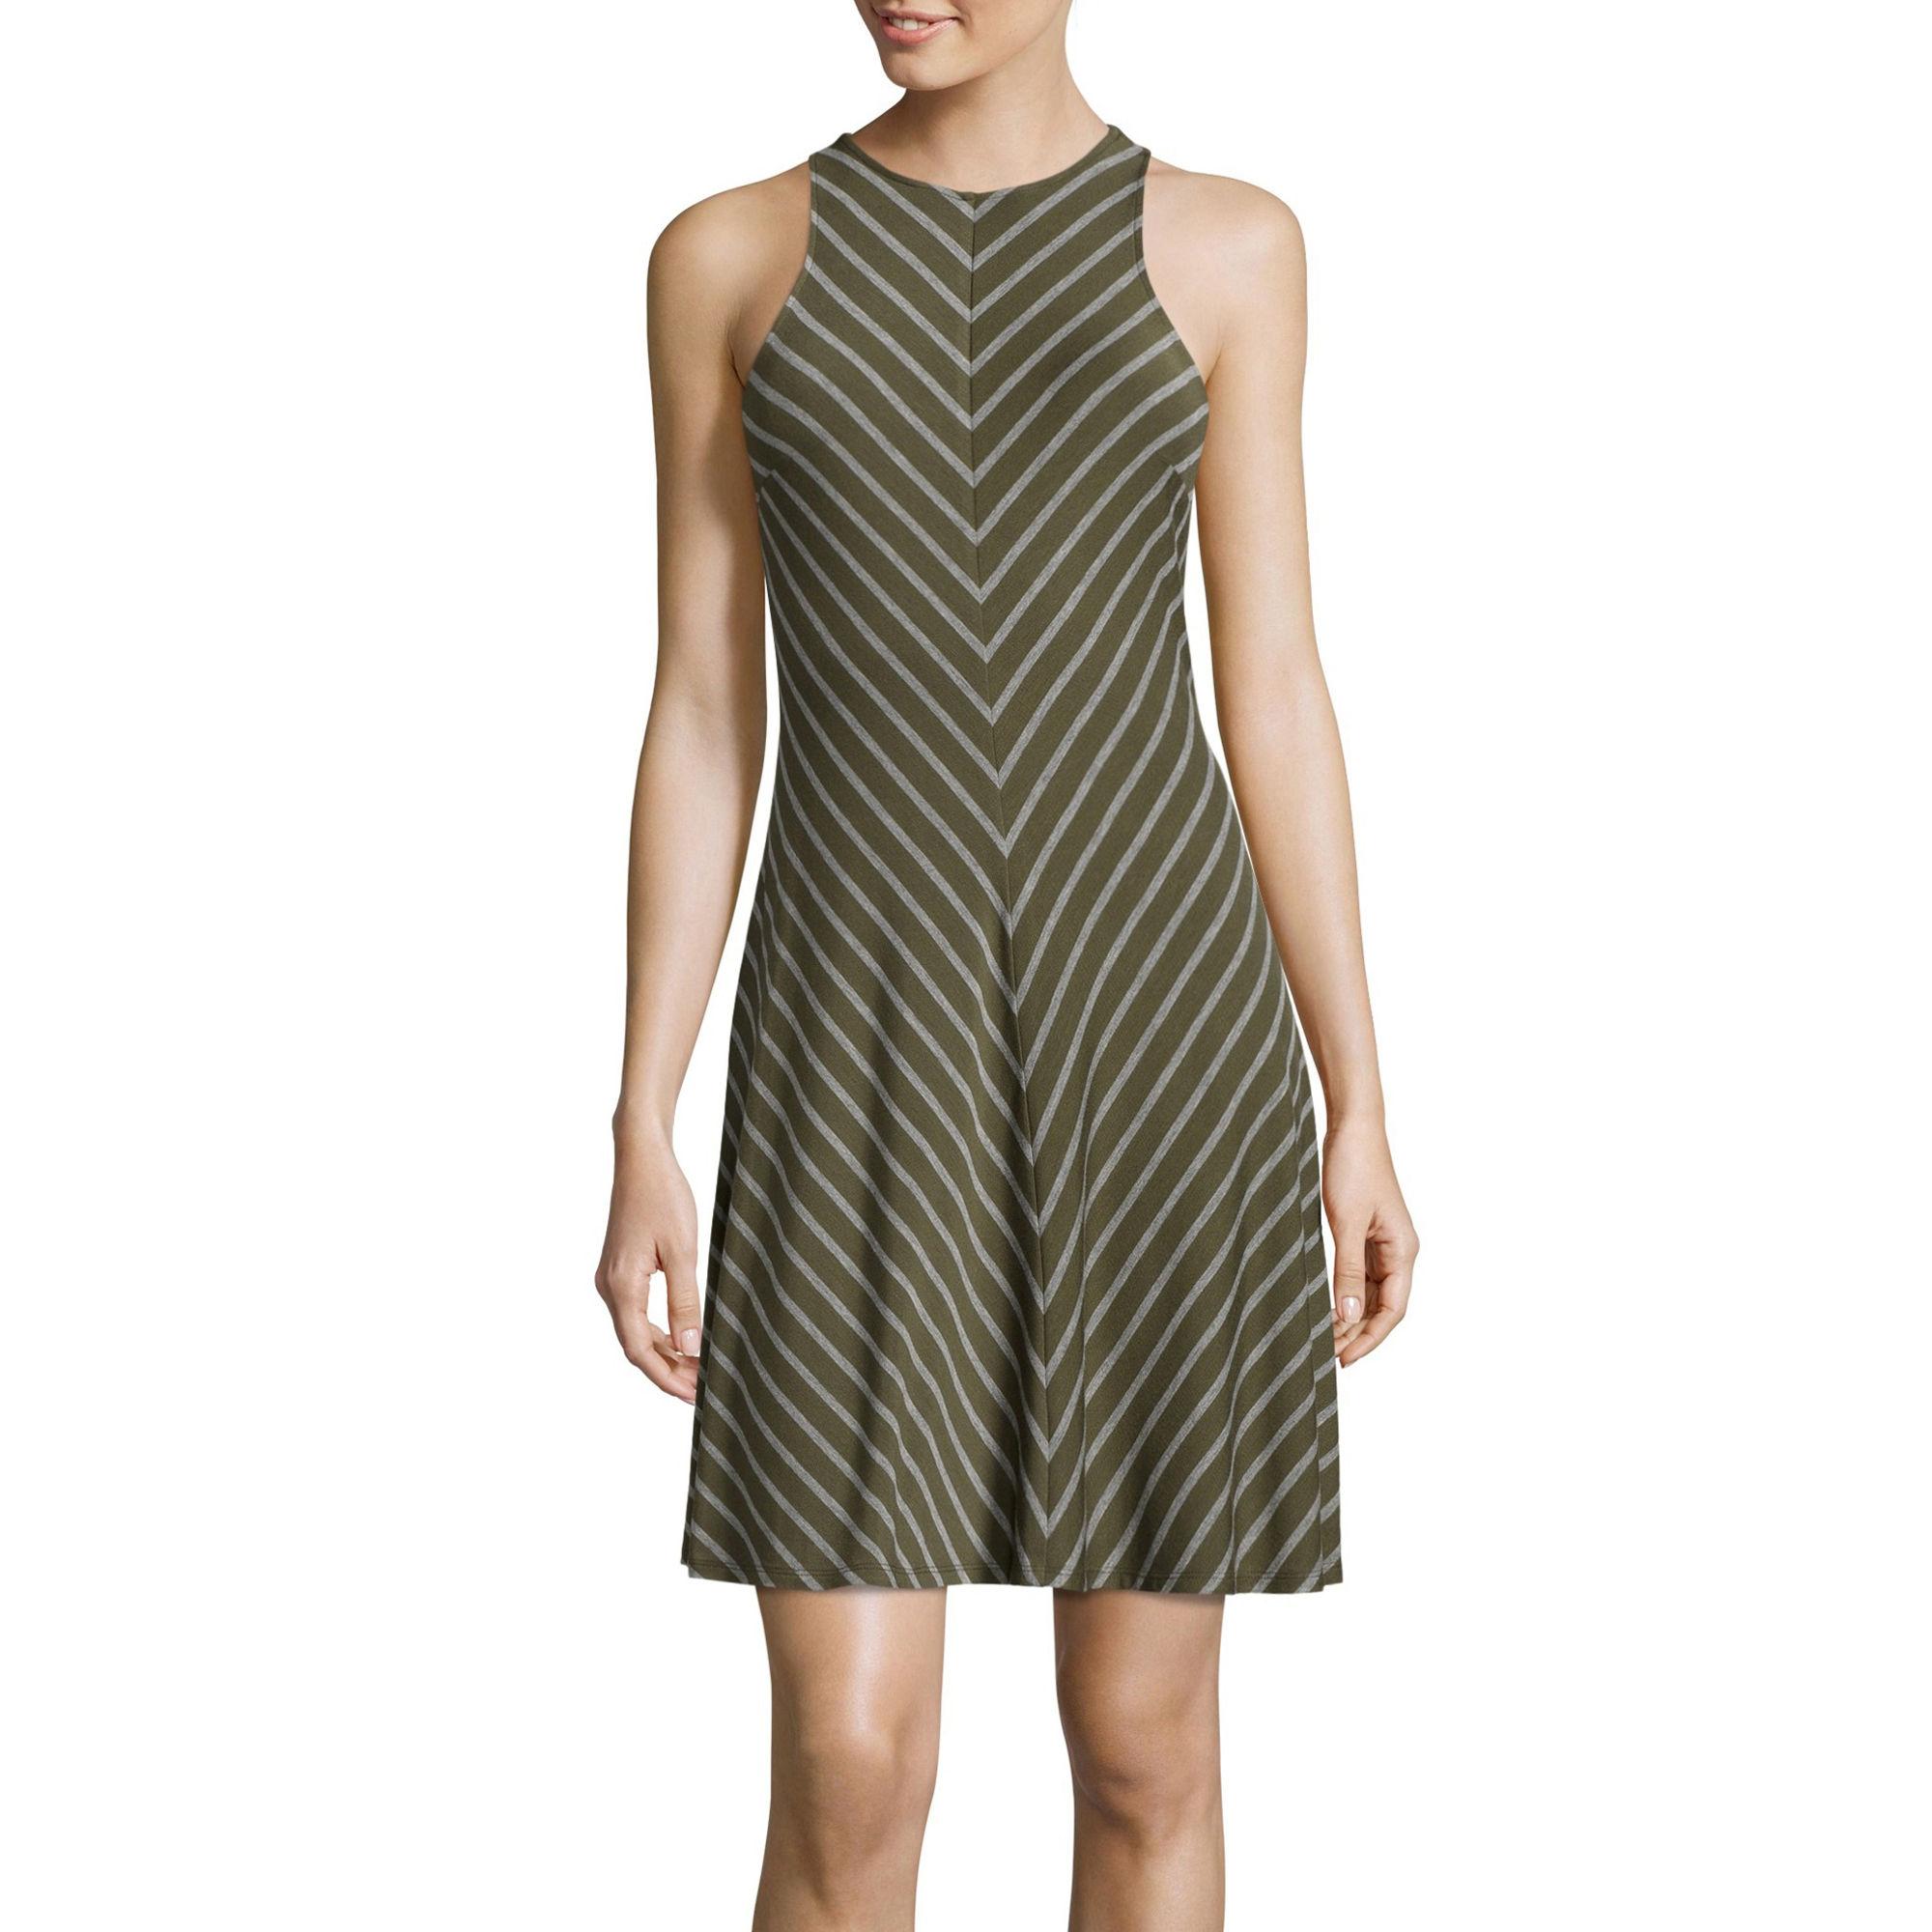 BELLE + SKY Sleeveless Halter Swing Dress